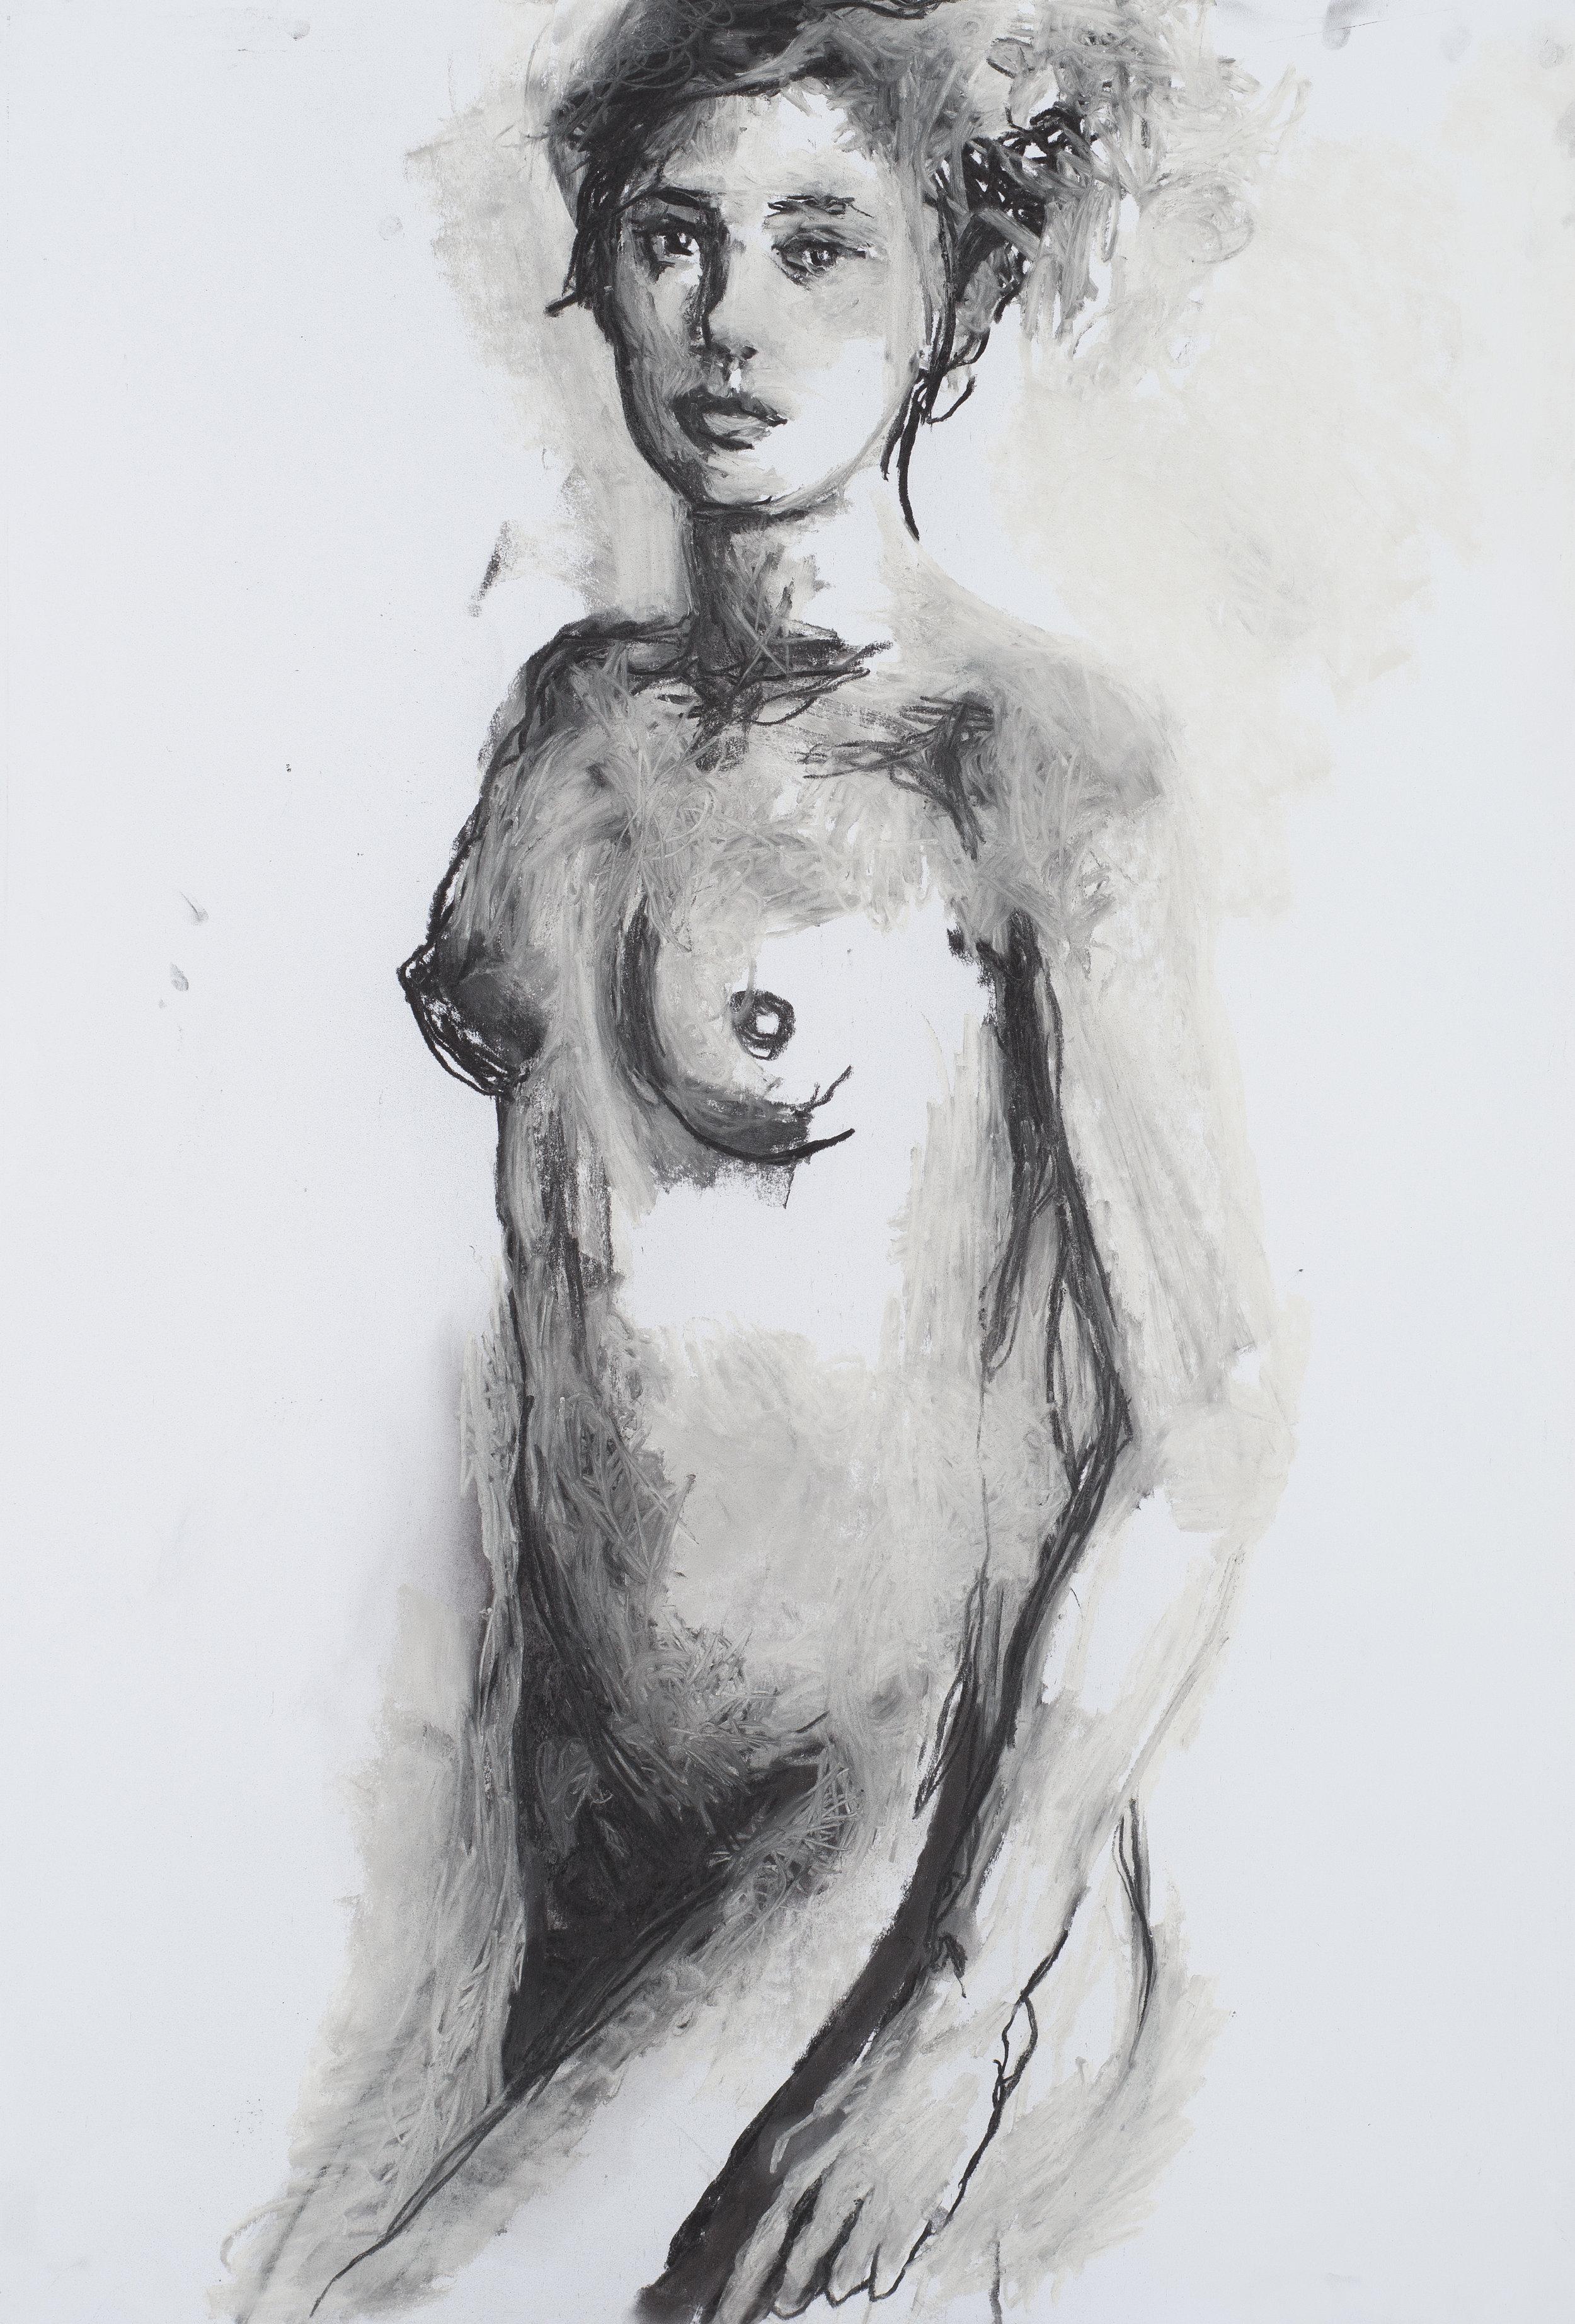 2016, Eros couronné de roses 4, 75 x 110 cm.jpg